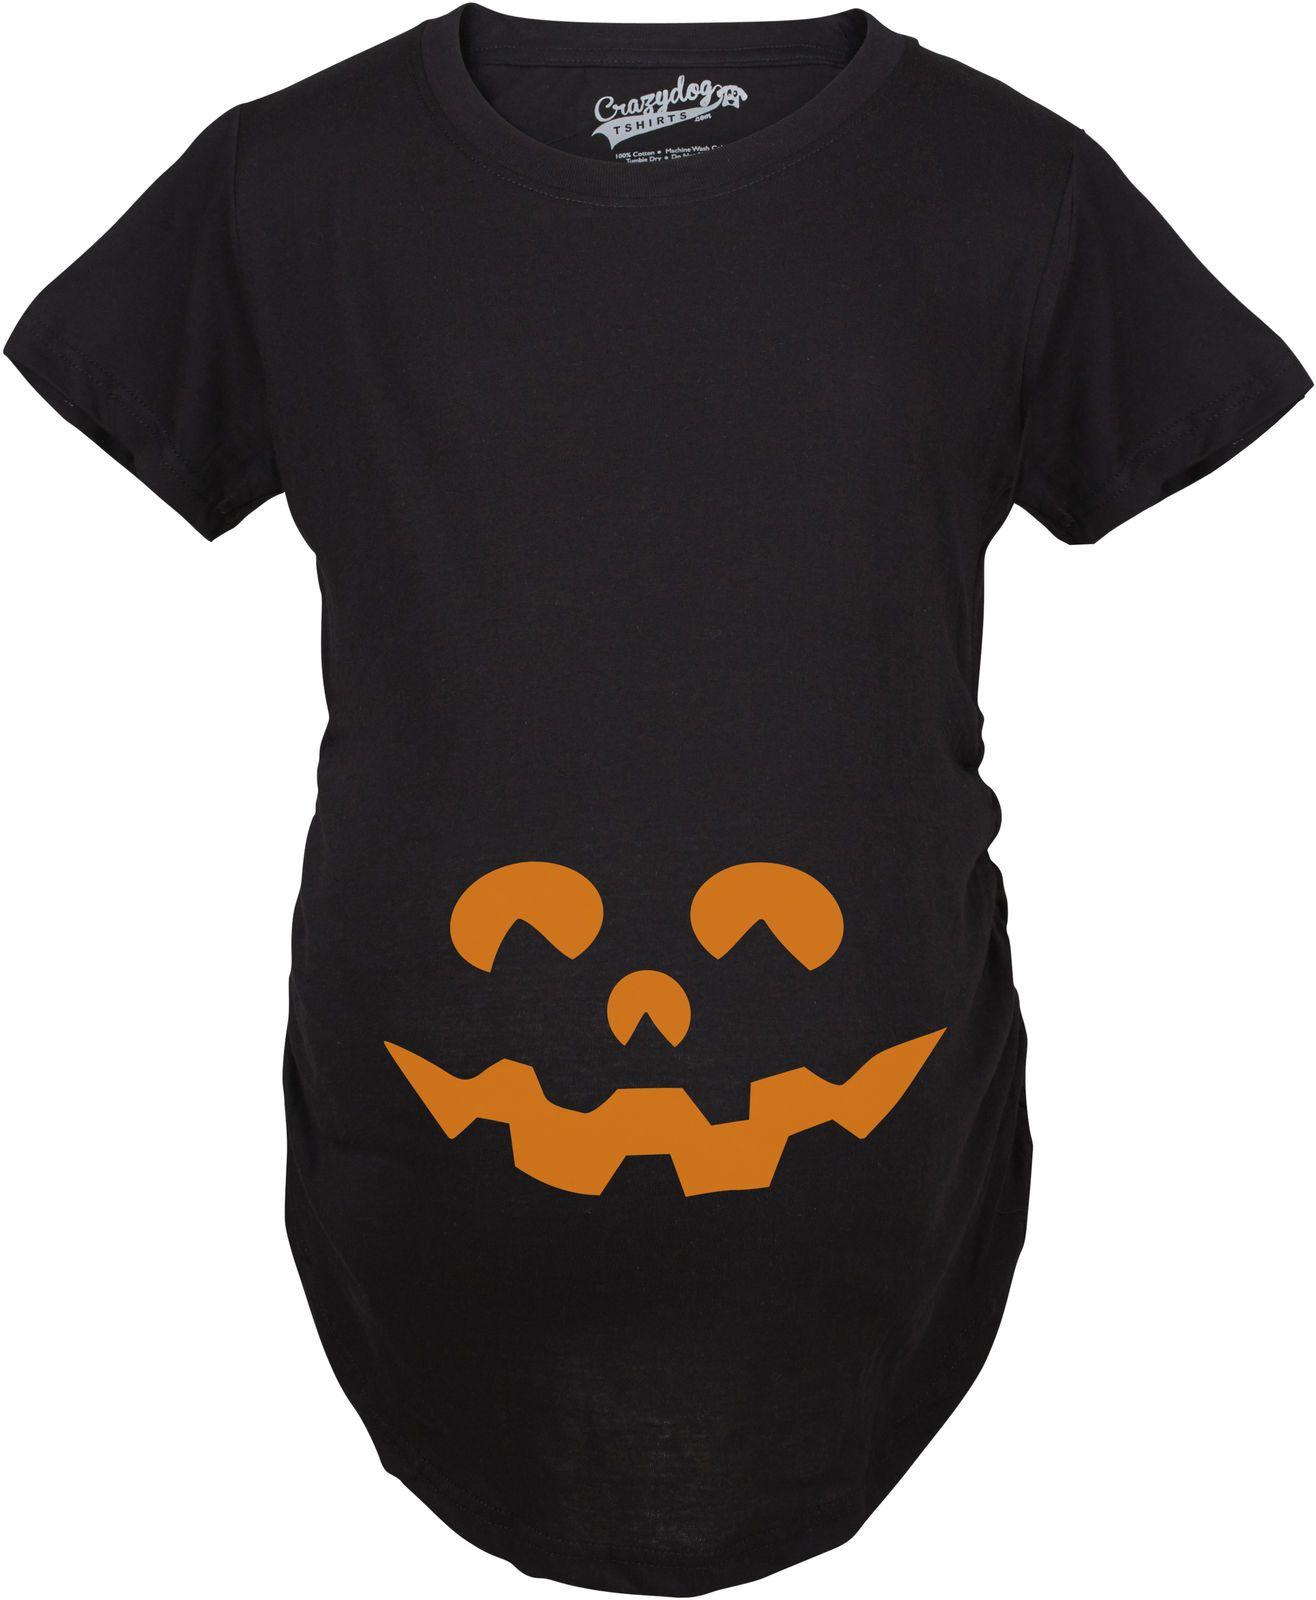 e7d212e1 Maternity Cartoon Eyes Pumpkin Face T Shirt Halloween Fall October  Pregnancy Tee